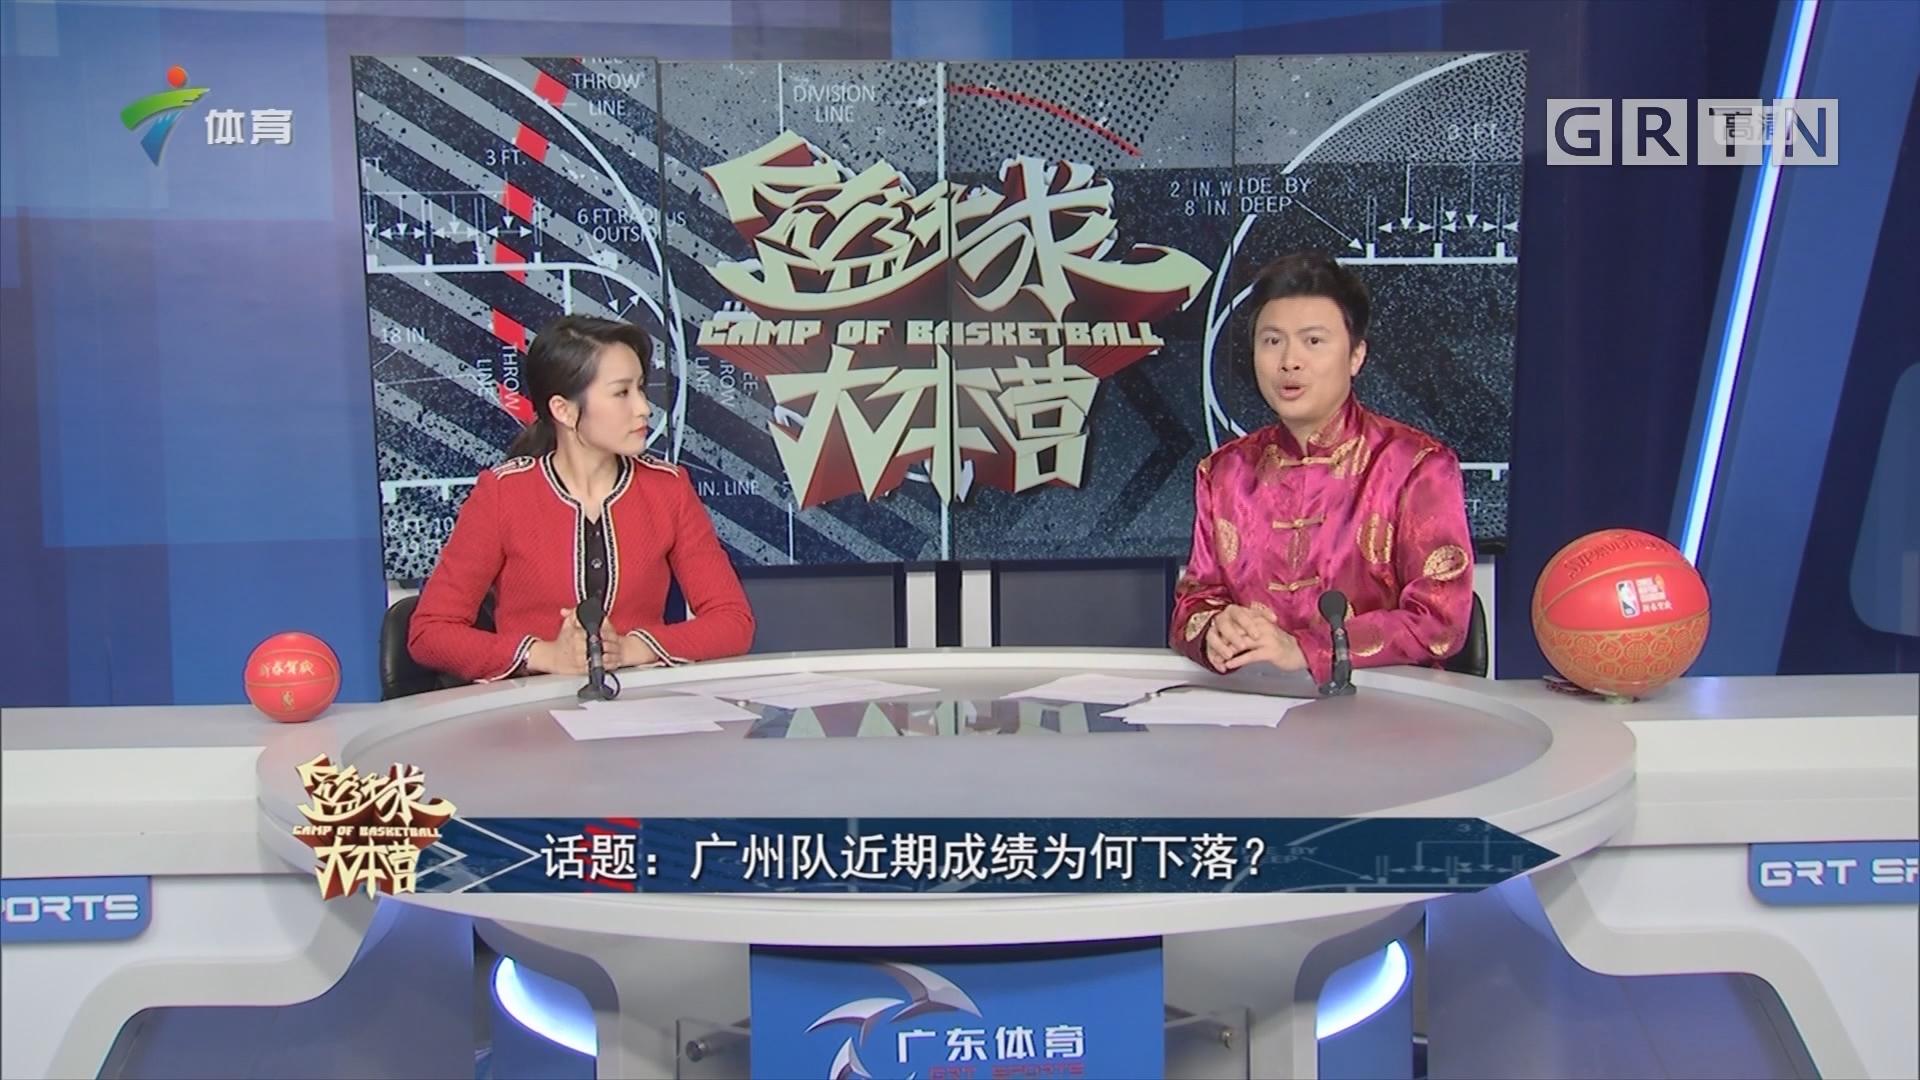 话题:广州队近期成绩为何下落?